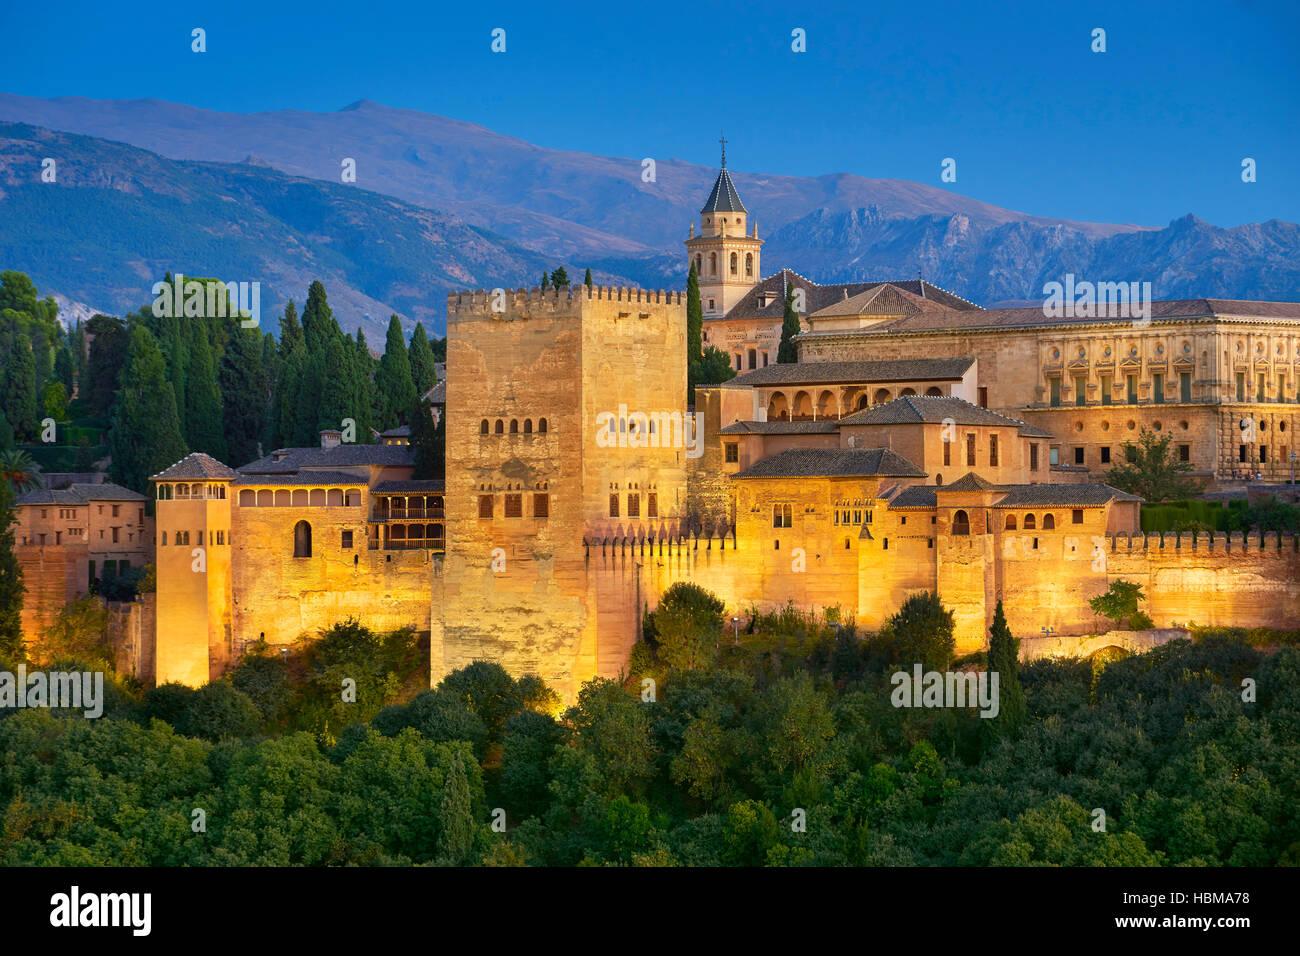 En evenig Palacio de la Alhambra, Granada, Andalucía, España. Imagen De Stock